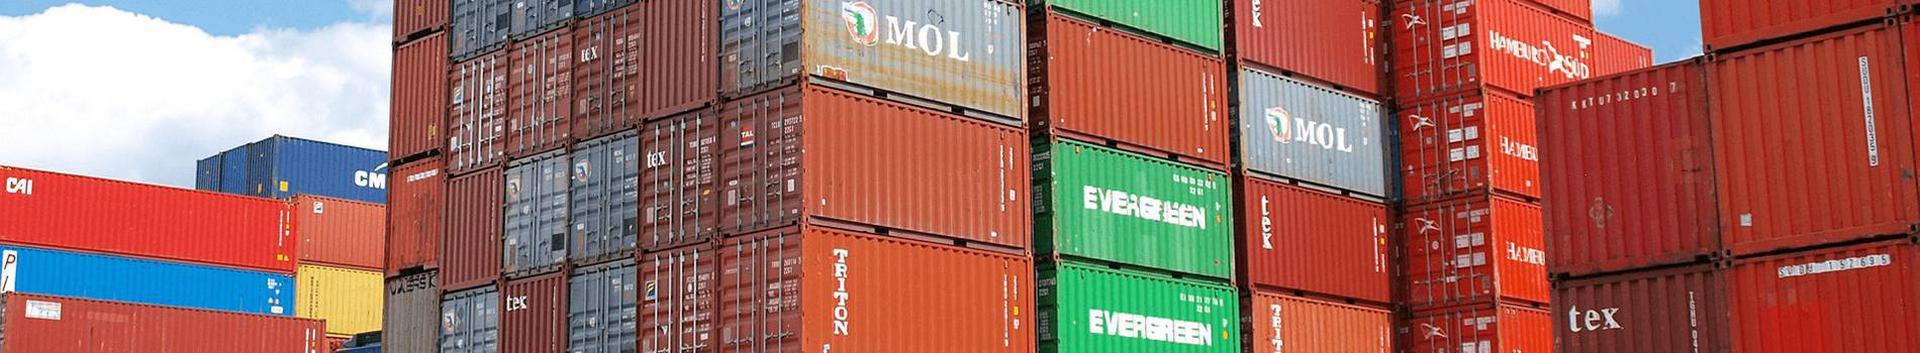 laadimisteenused, laoteenused, transpordi- ja kullerteenused, transporditeenused, logistika